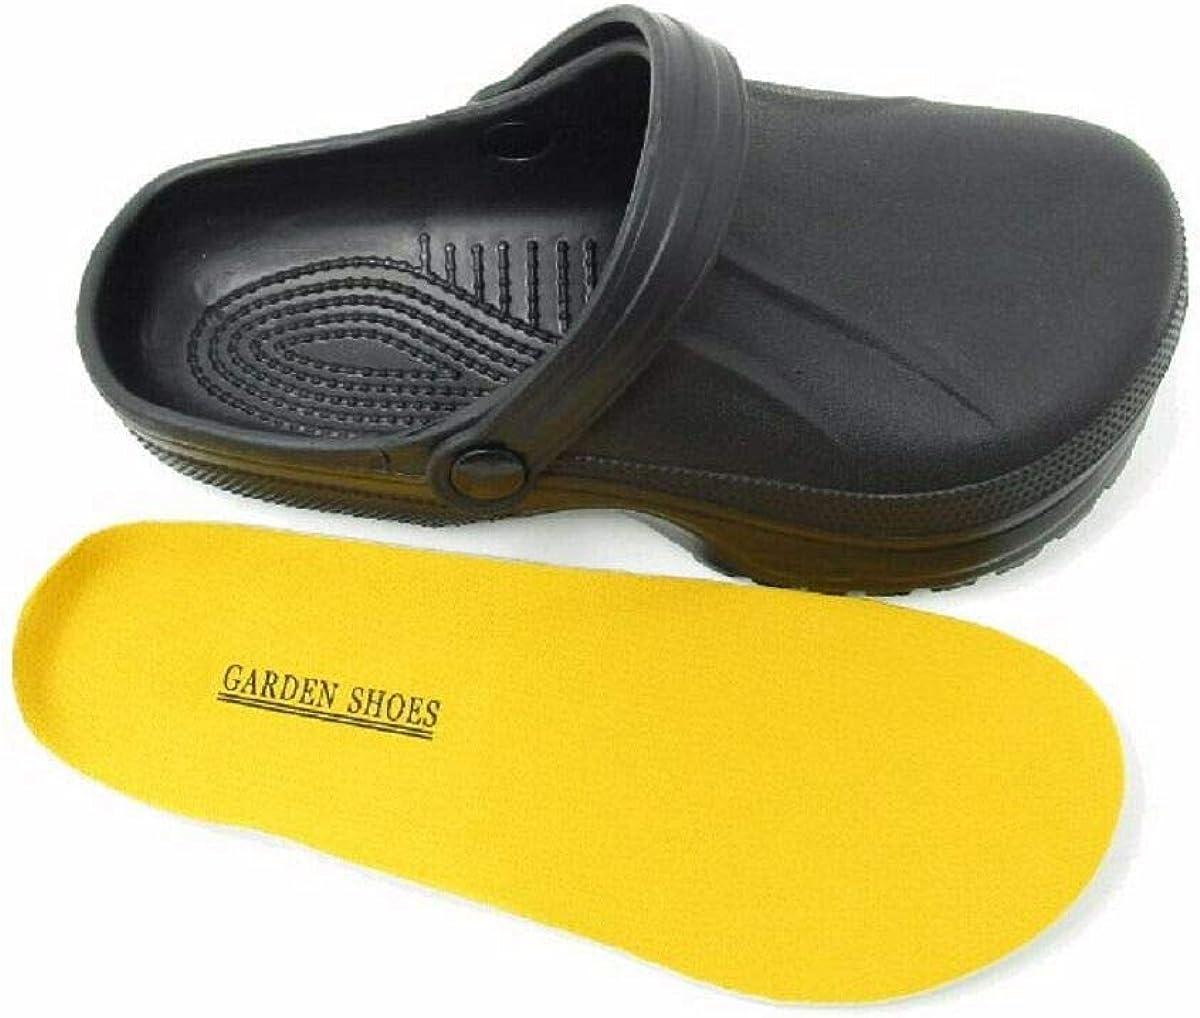 Mens Beach Chef Kitchen Garden Nurse Holiday Clogs Sandals Mules Sizes UK 7 8 9 10 11